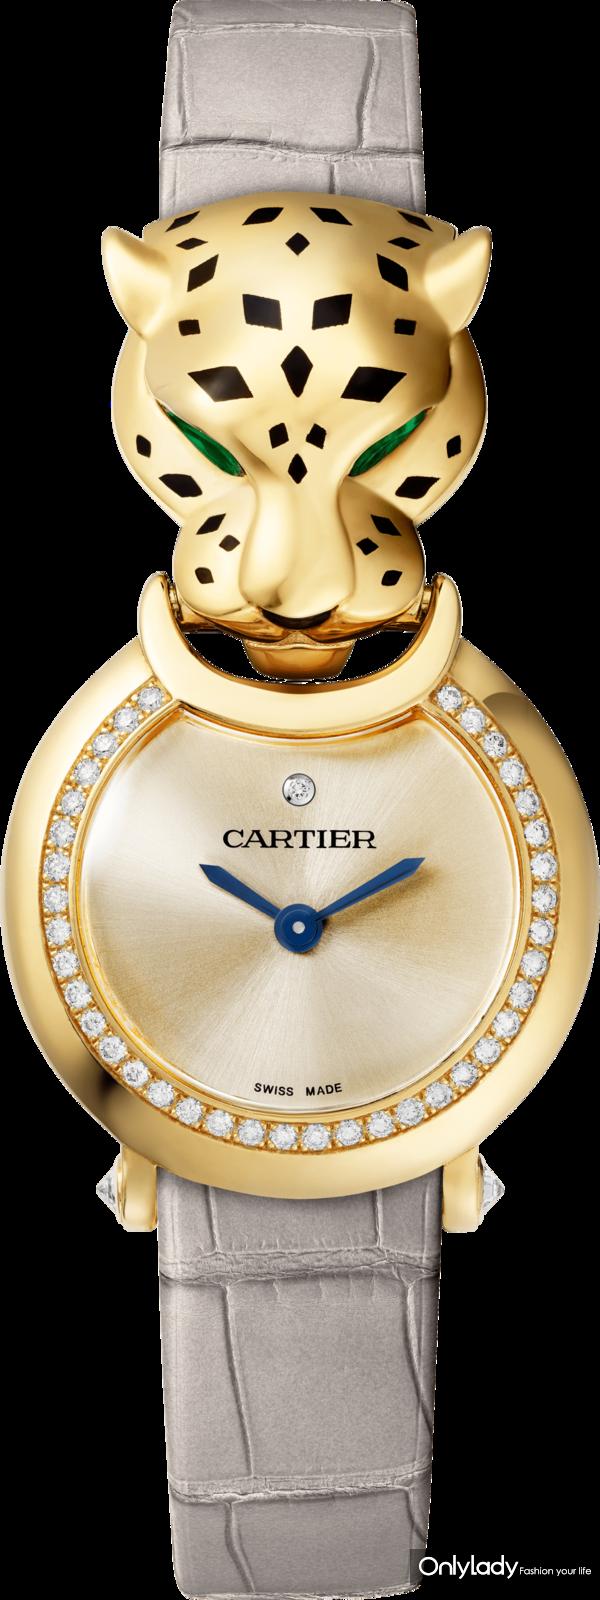 La Panthère Watch